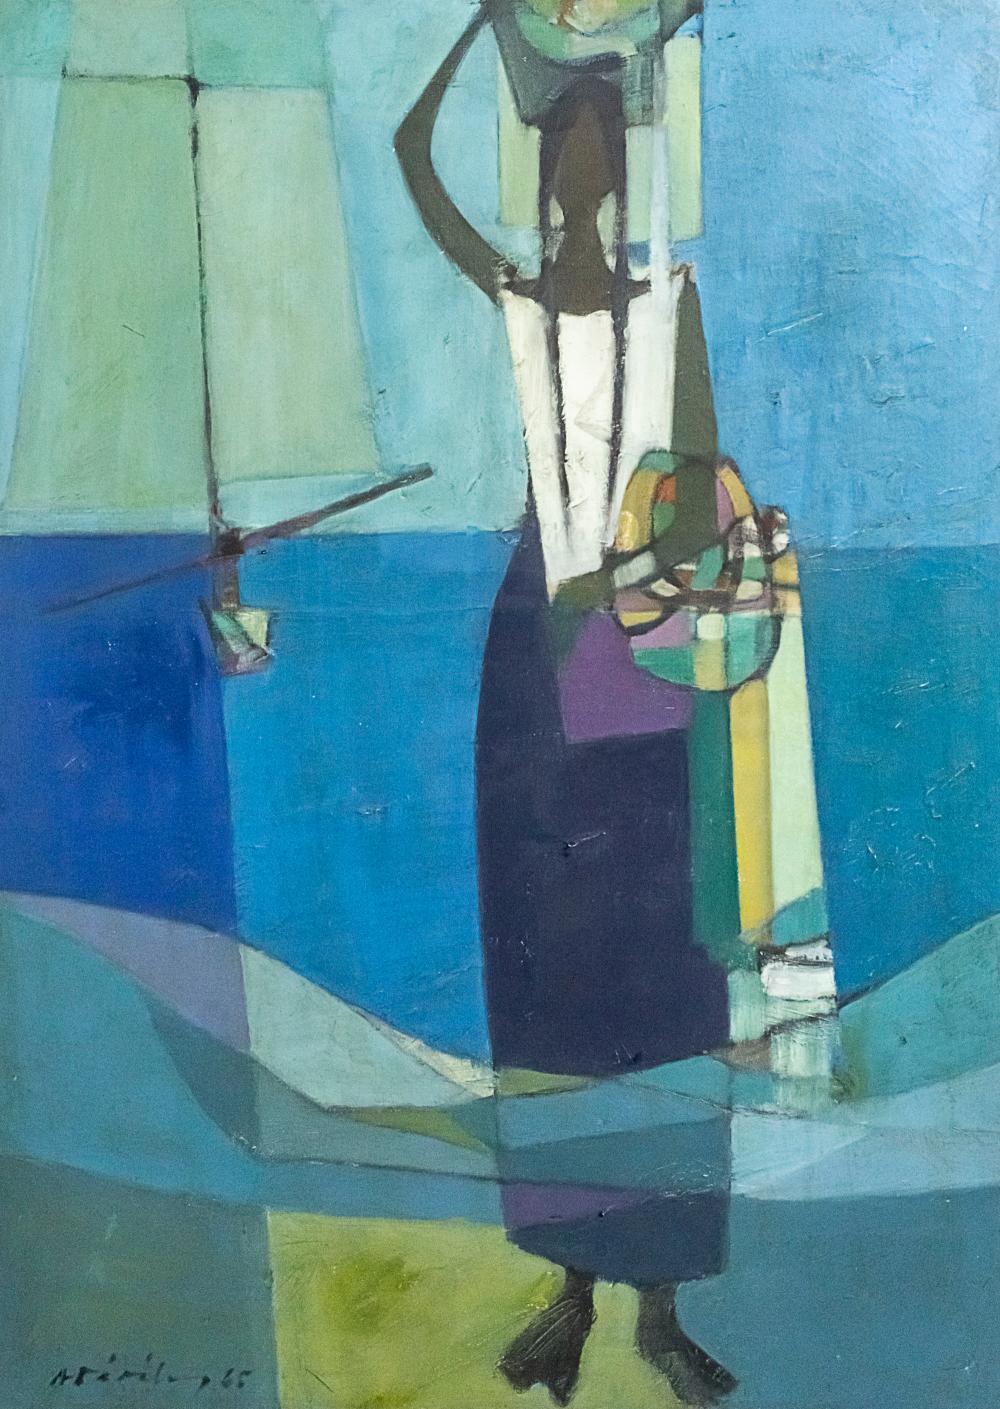 ALBERTO DAVILA (PERUVIAN, 1912-1988) - OIL ON CANVAS, 1965.